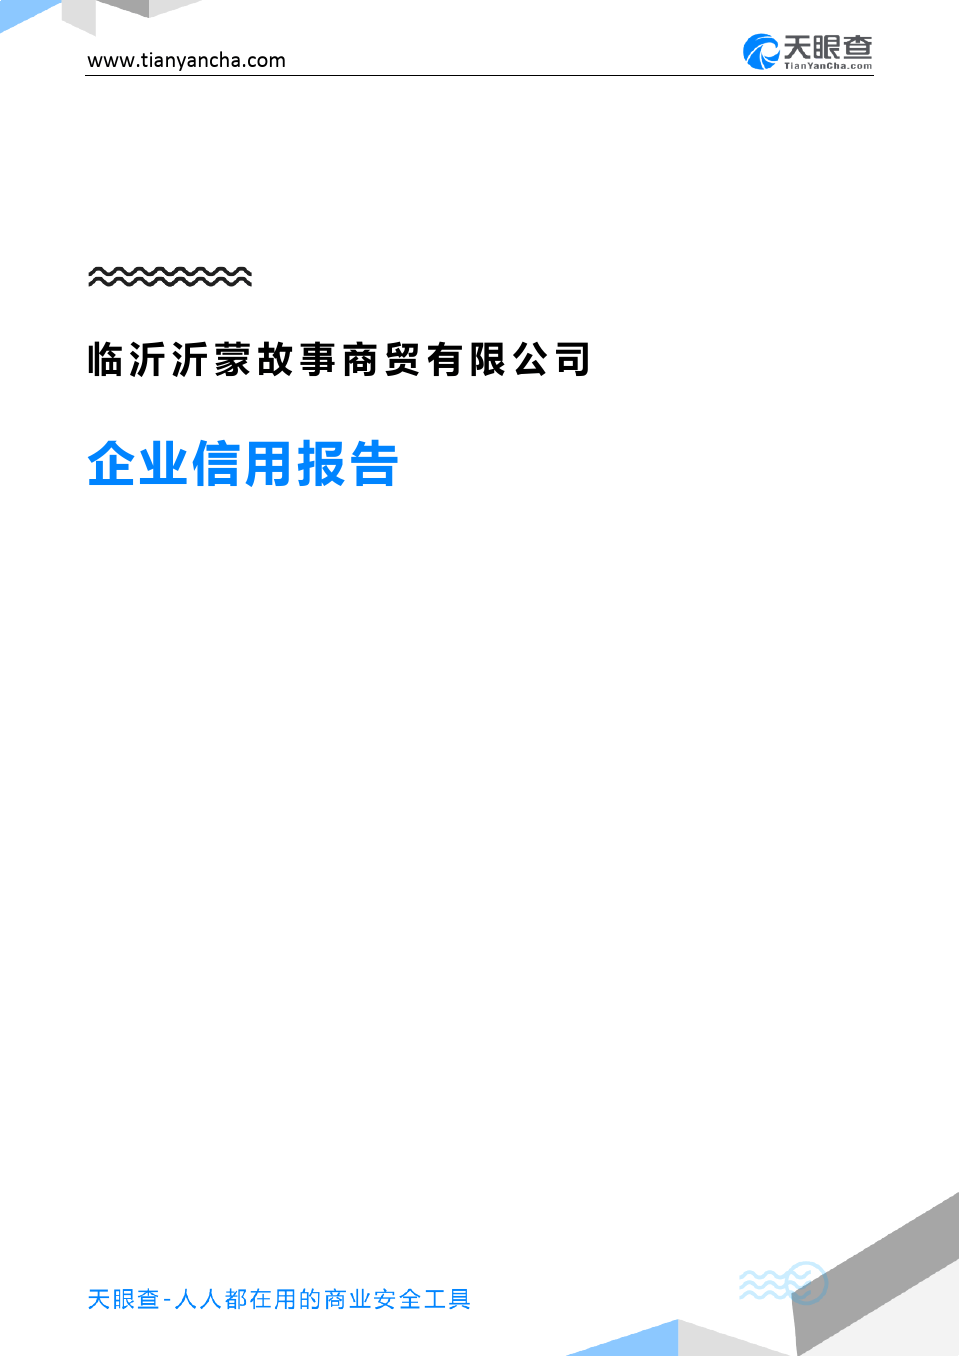 临沂沂蒙故事商贸有限公司(企业信用报告)- 天眼查